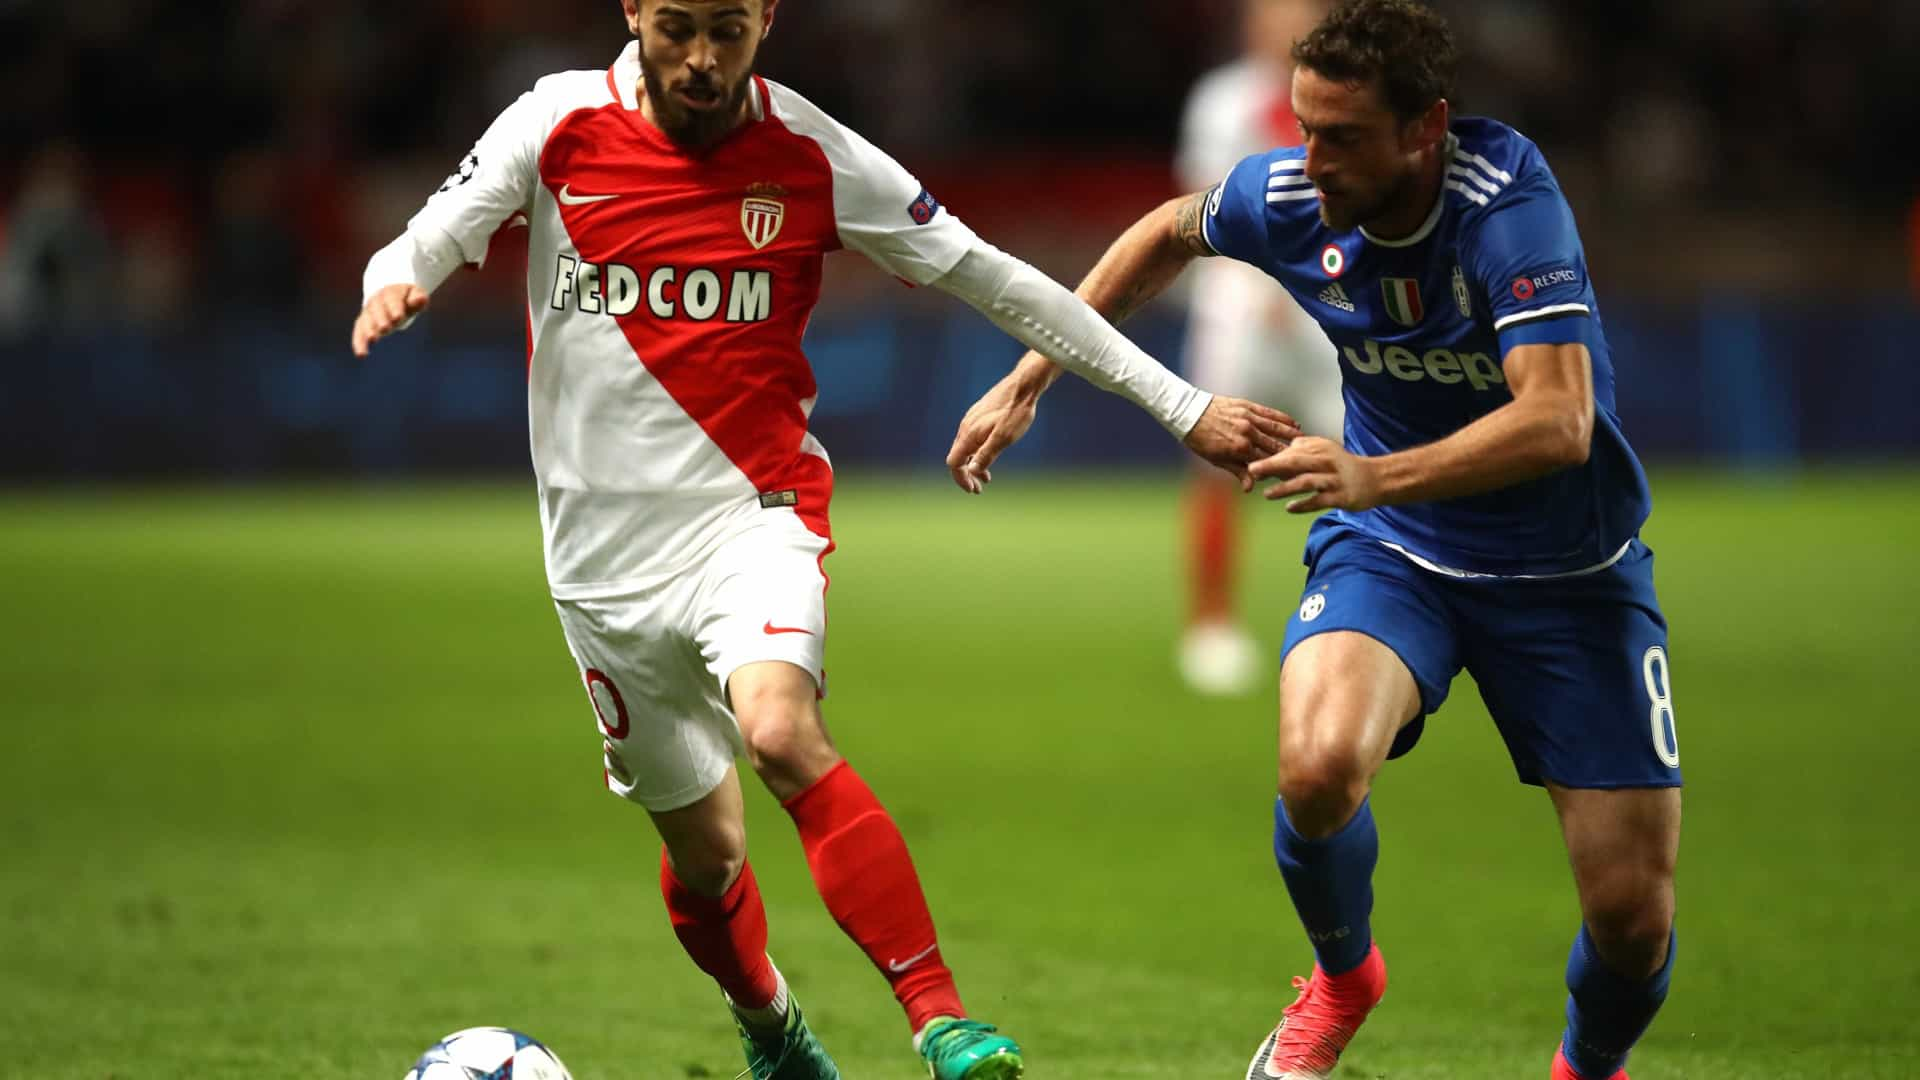 Franceses garantem que Bernardo Silva pode suceder a James no Real Madrid